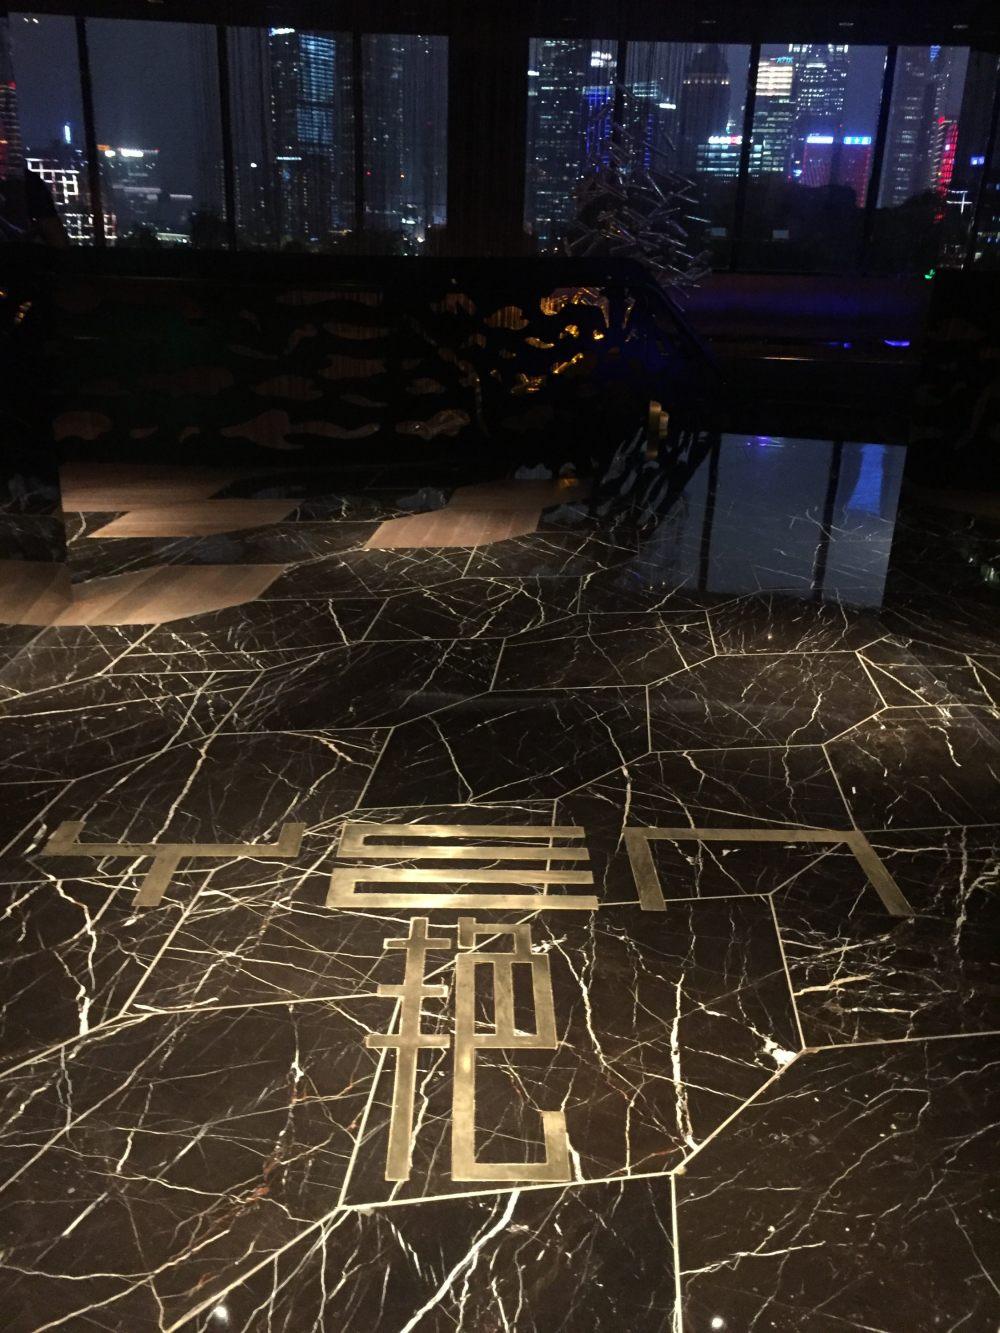 上海外滩W酒店,史上最全入住体验 自拍分享,申请置...._IMG_5862.JPG